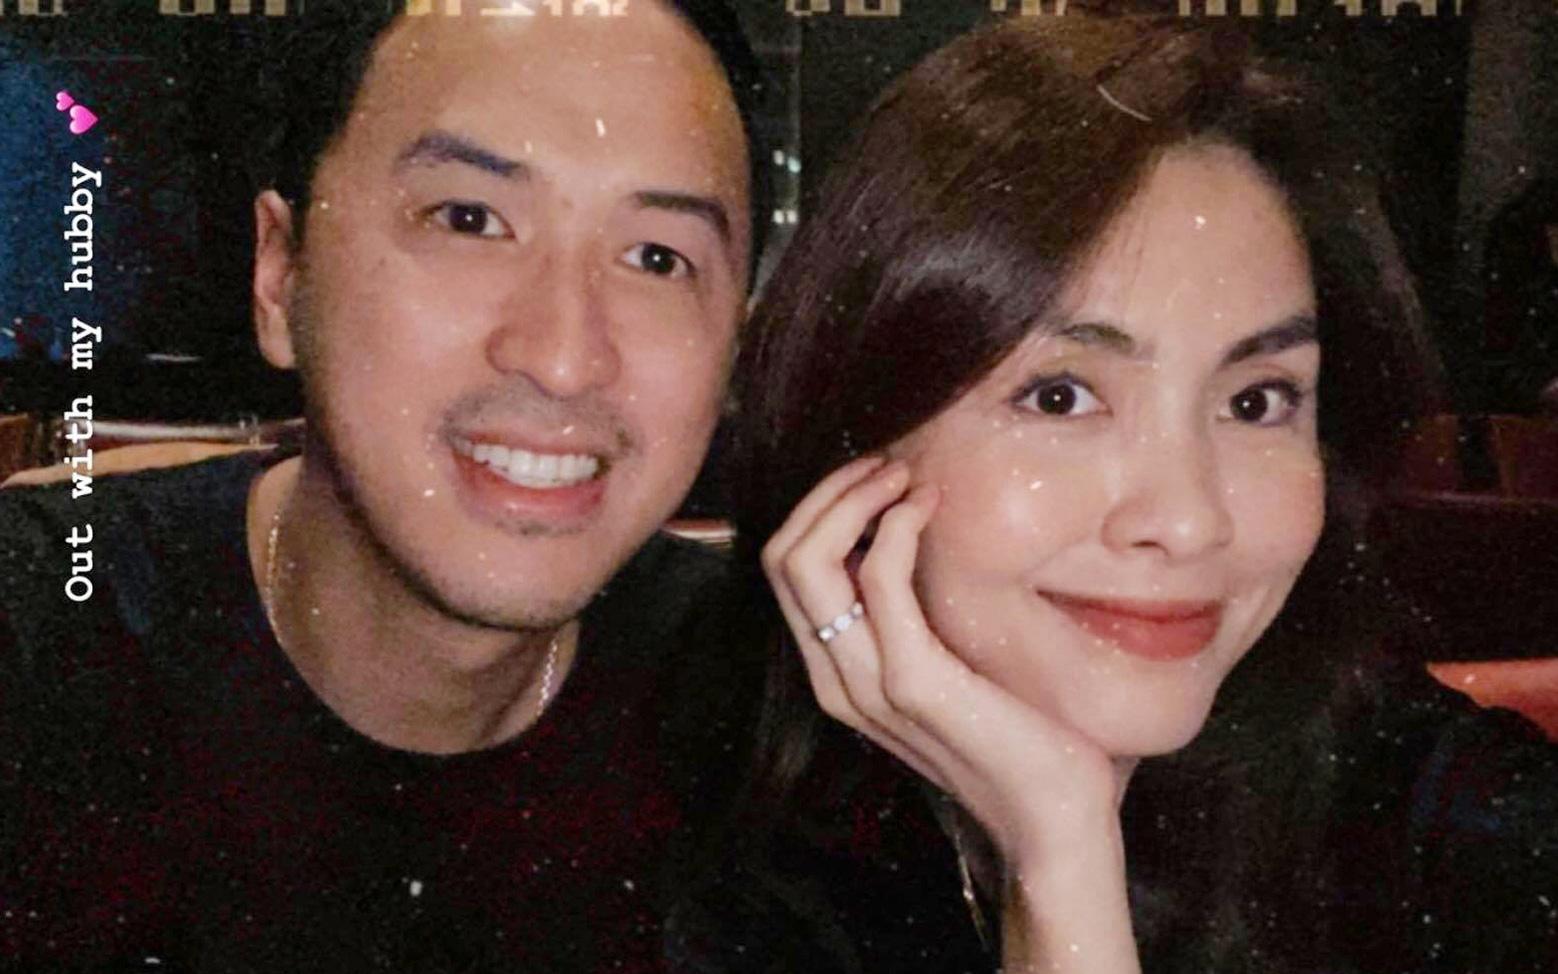 Lâu lắm rồi mới thấy Hà Tăng đăng ảnh bên ông xã đại gia: Sau hơn 10 năm yêu vẫn giản dị và ngọt ngào quá!